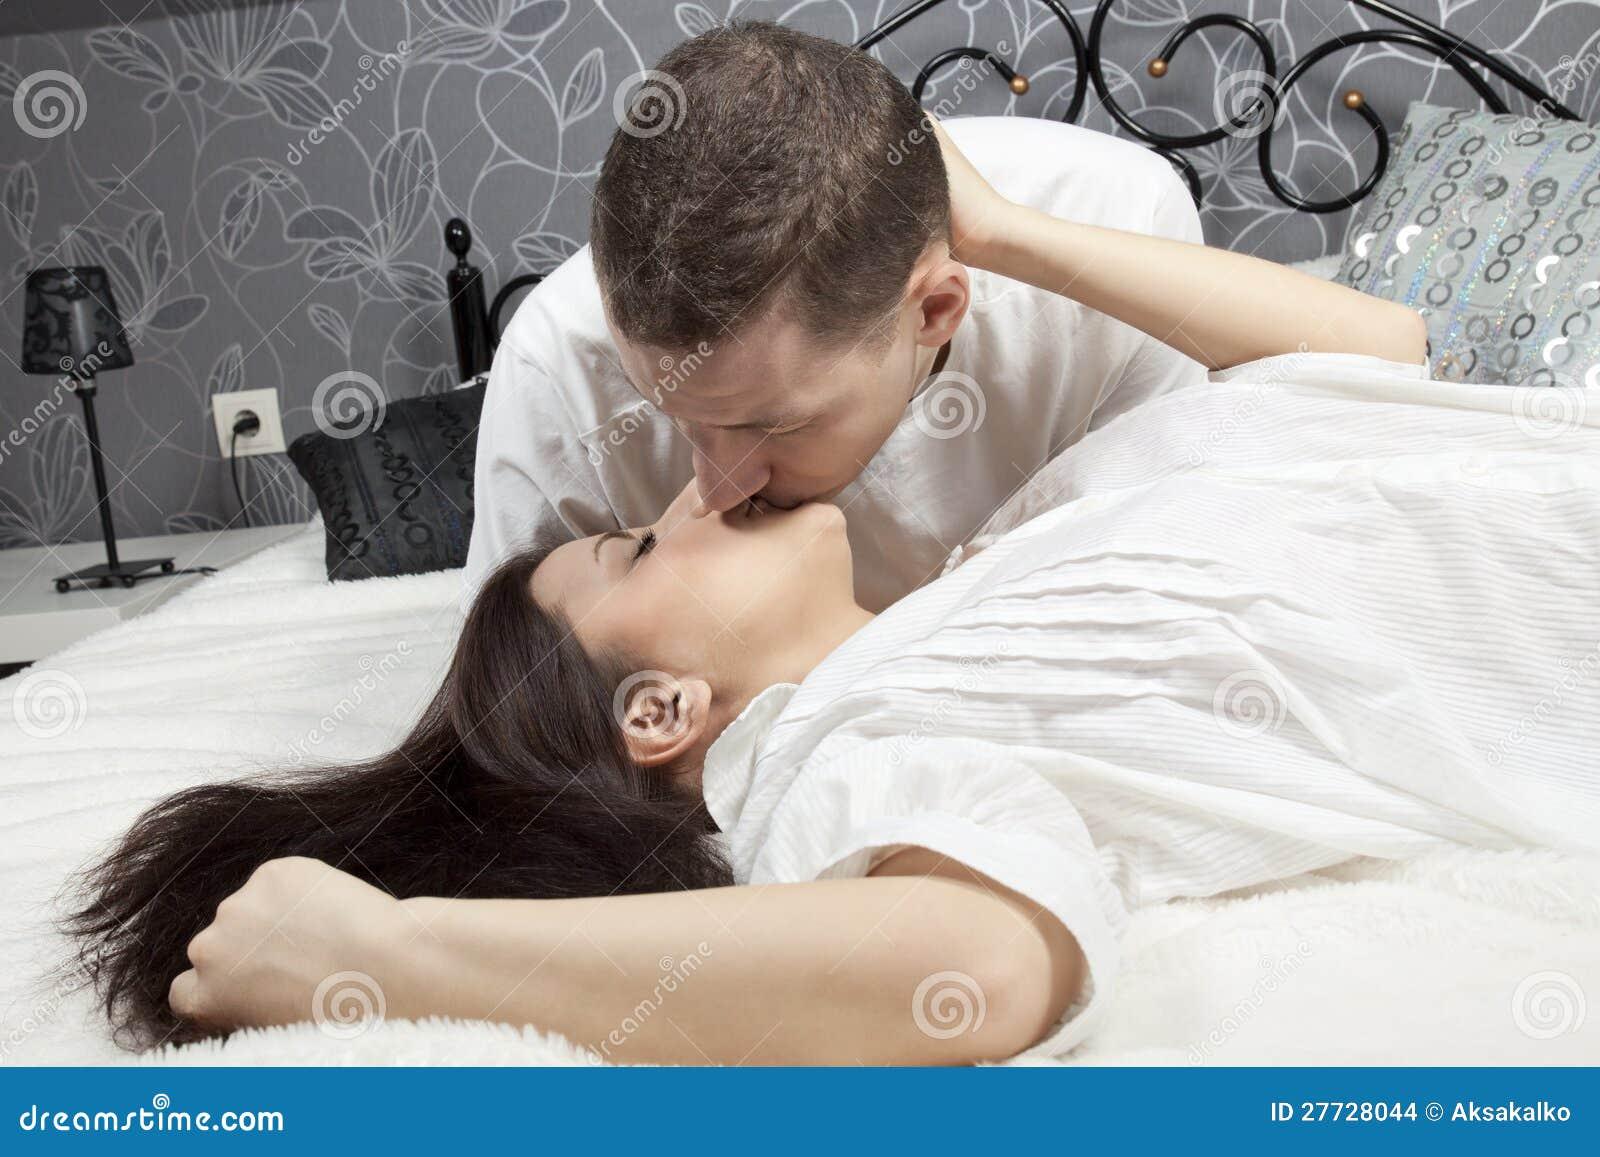 С кузиной в постели, Дядя с удовольствием трахнул кузину, пришедшую с пар 25 фотография